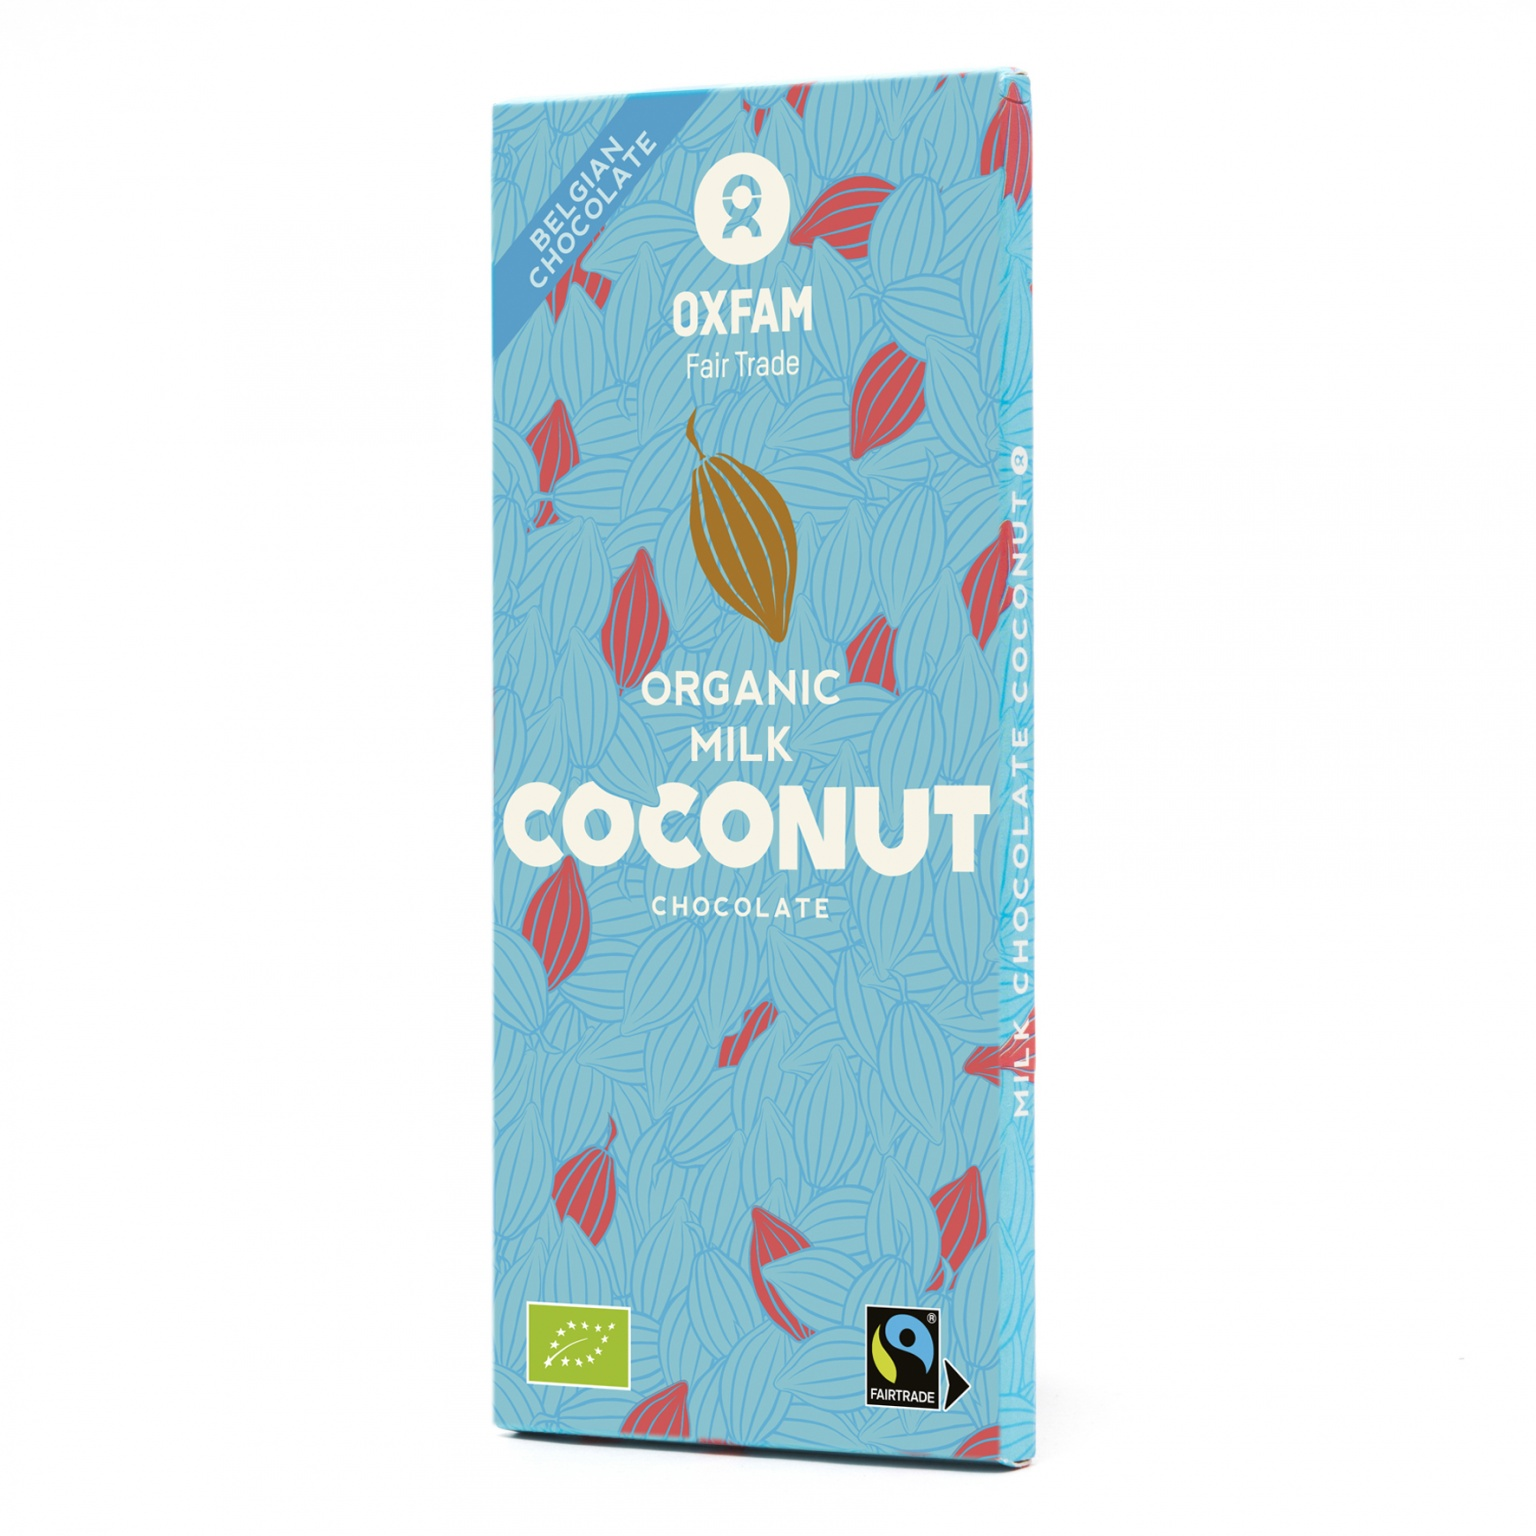 Oxfam Fair Trade 24231